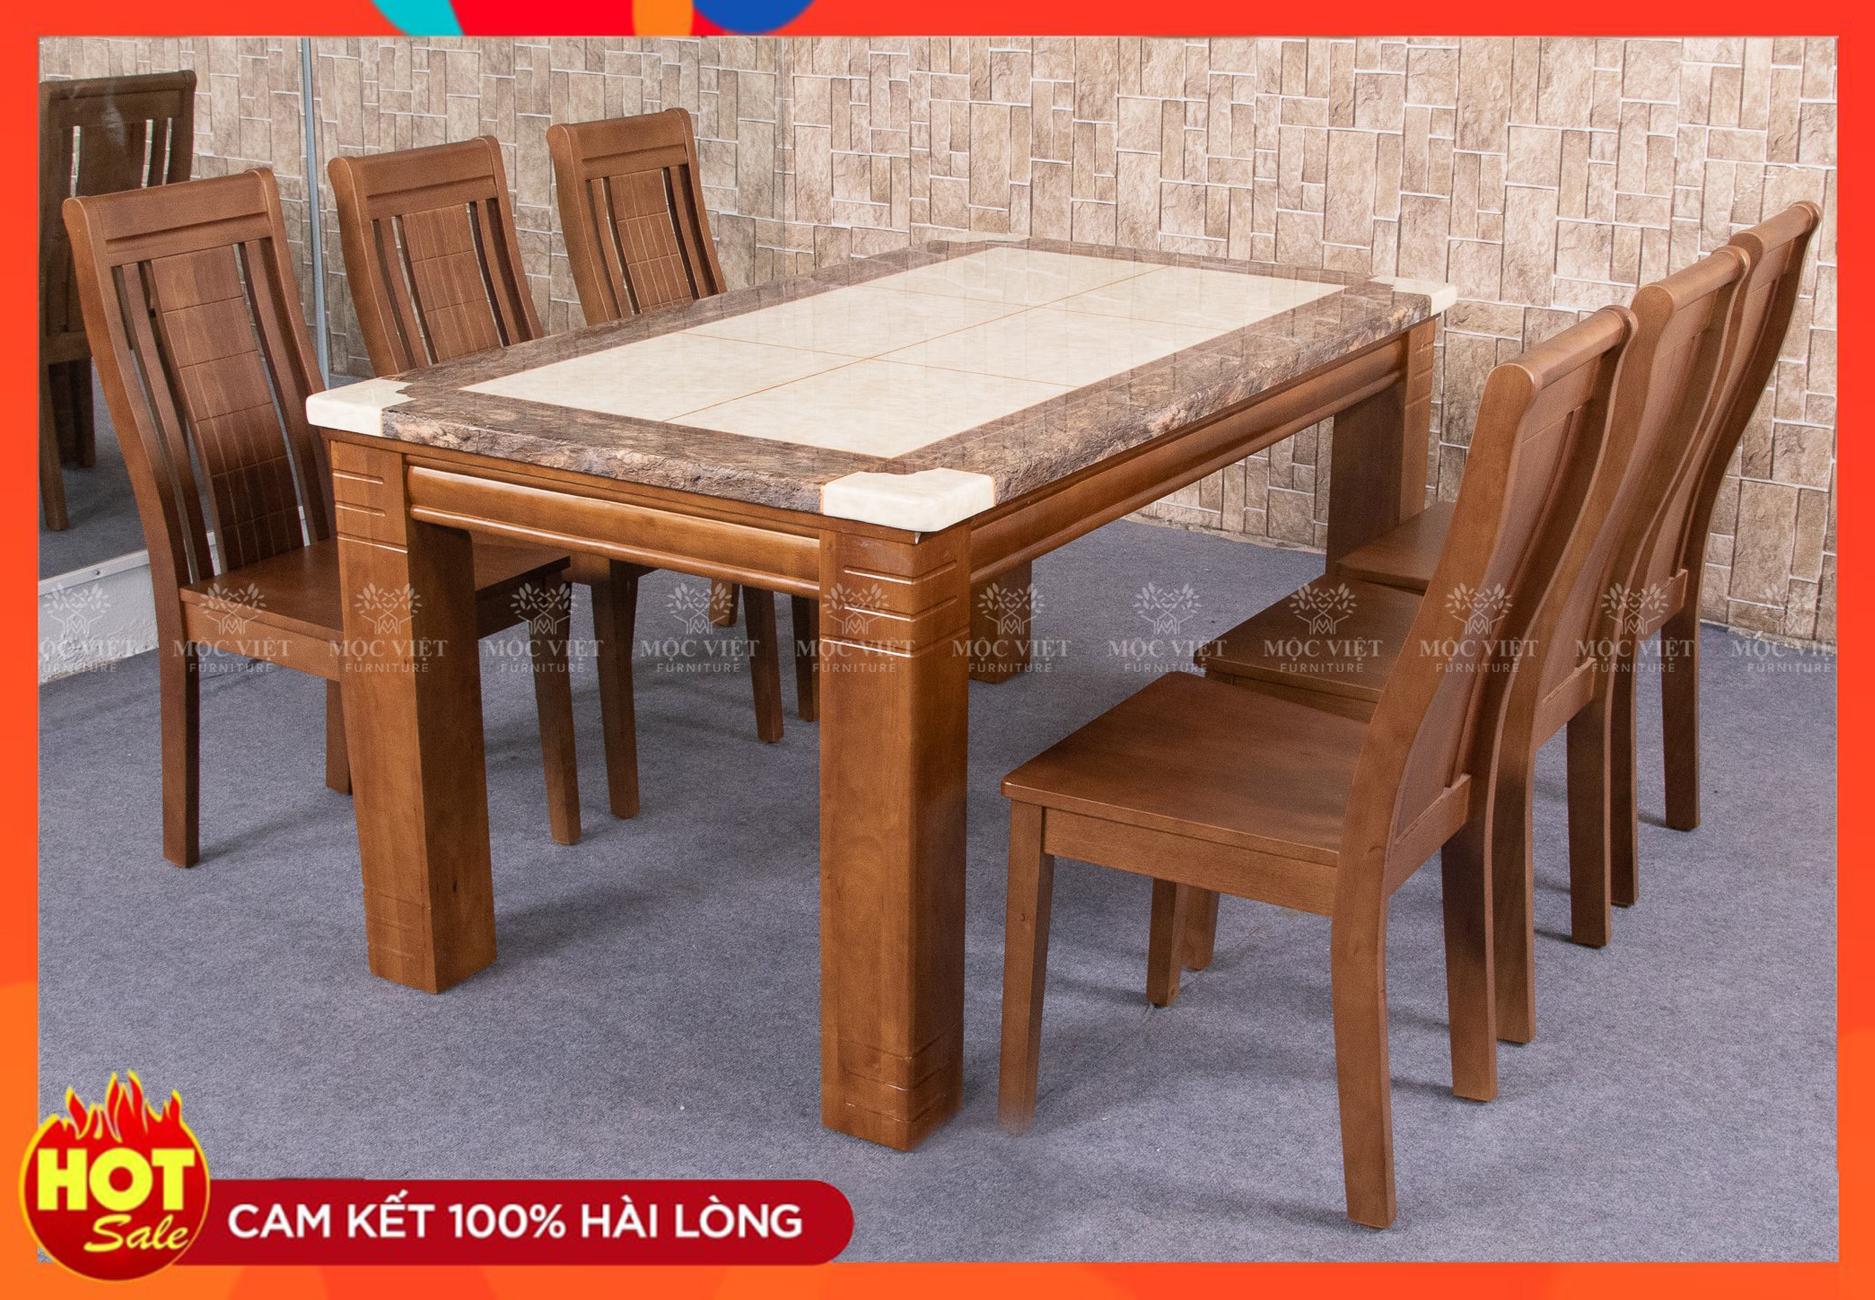 Bộ bàn ăn 6 ghế [6019]